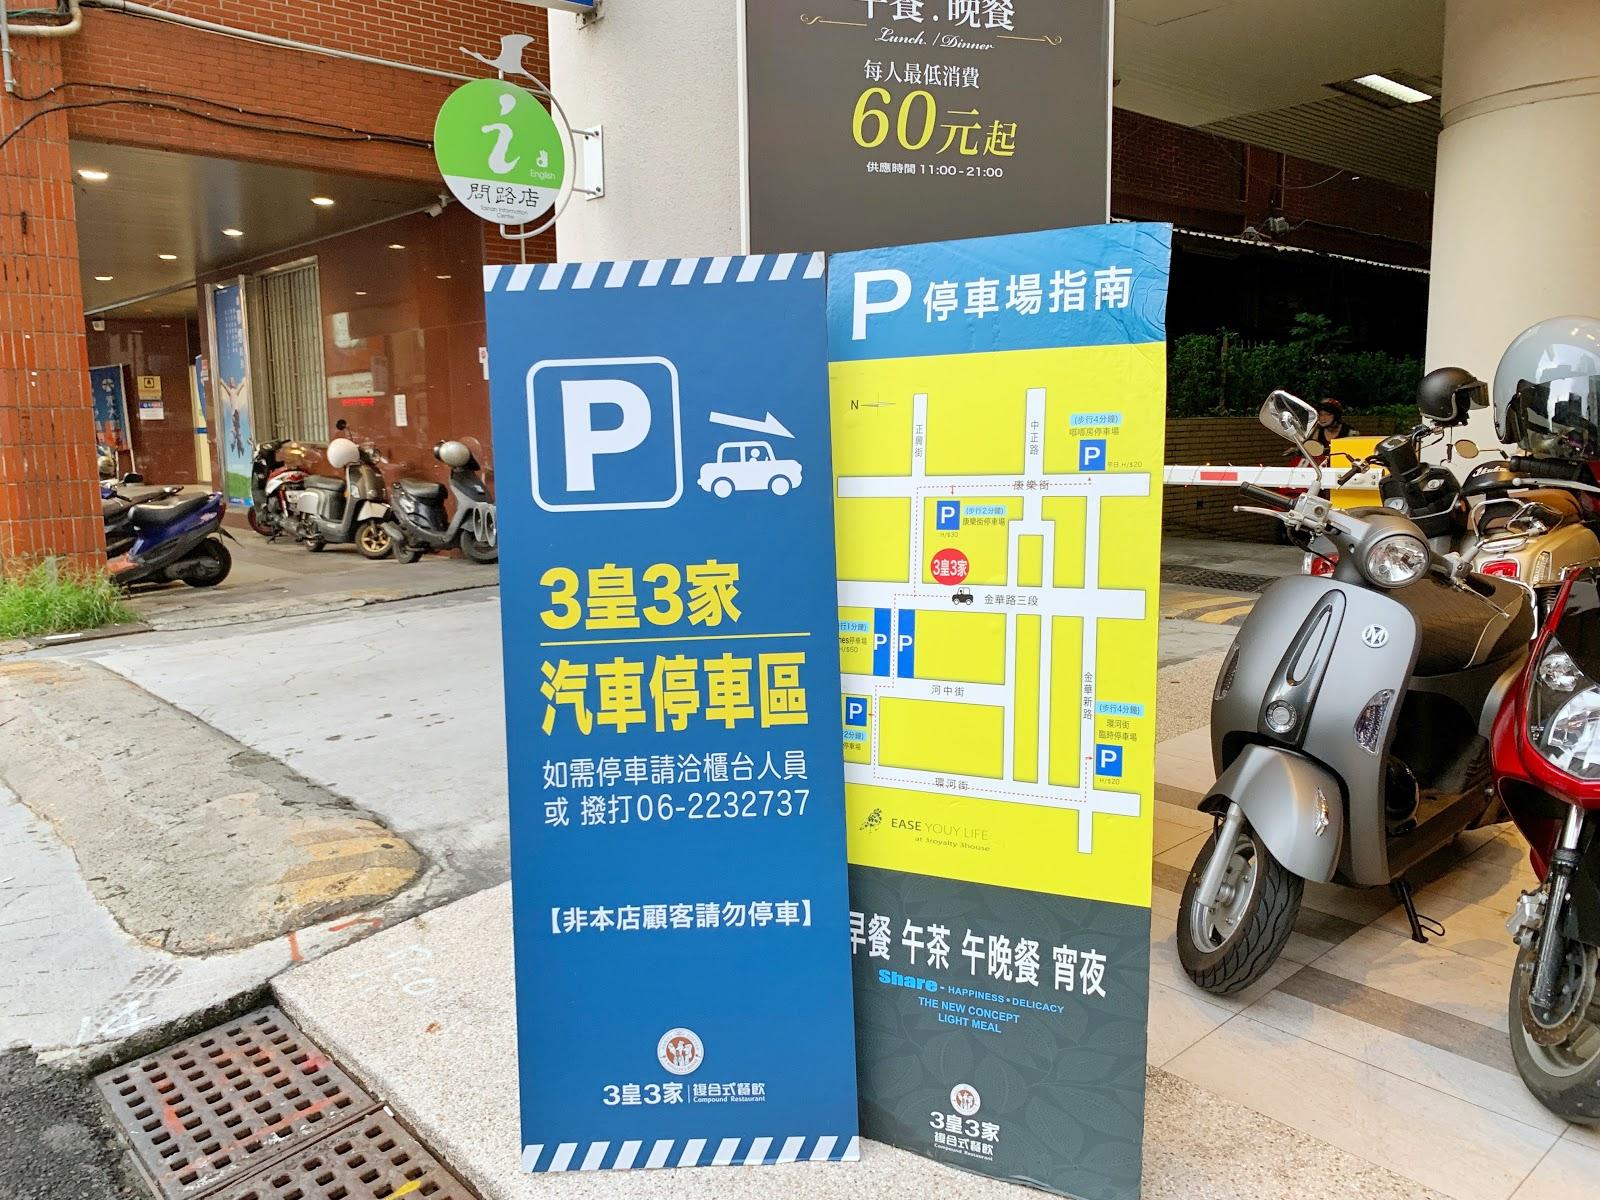 台南【三皇三家 金華店】停車資訊